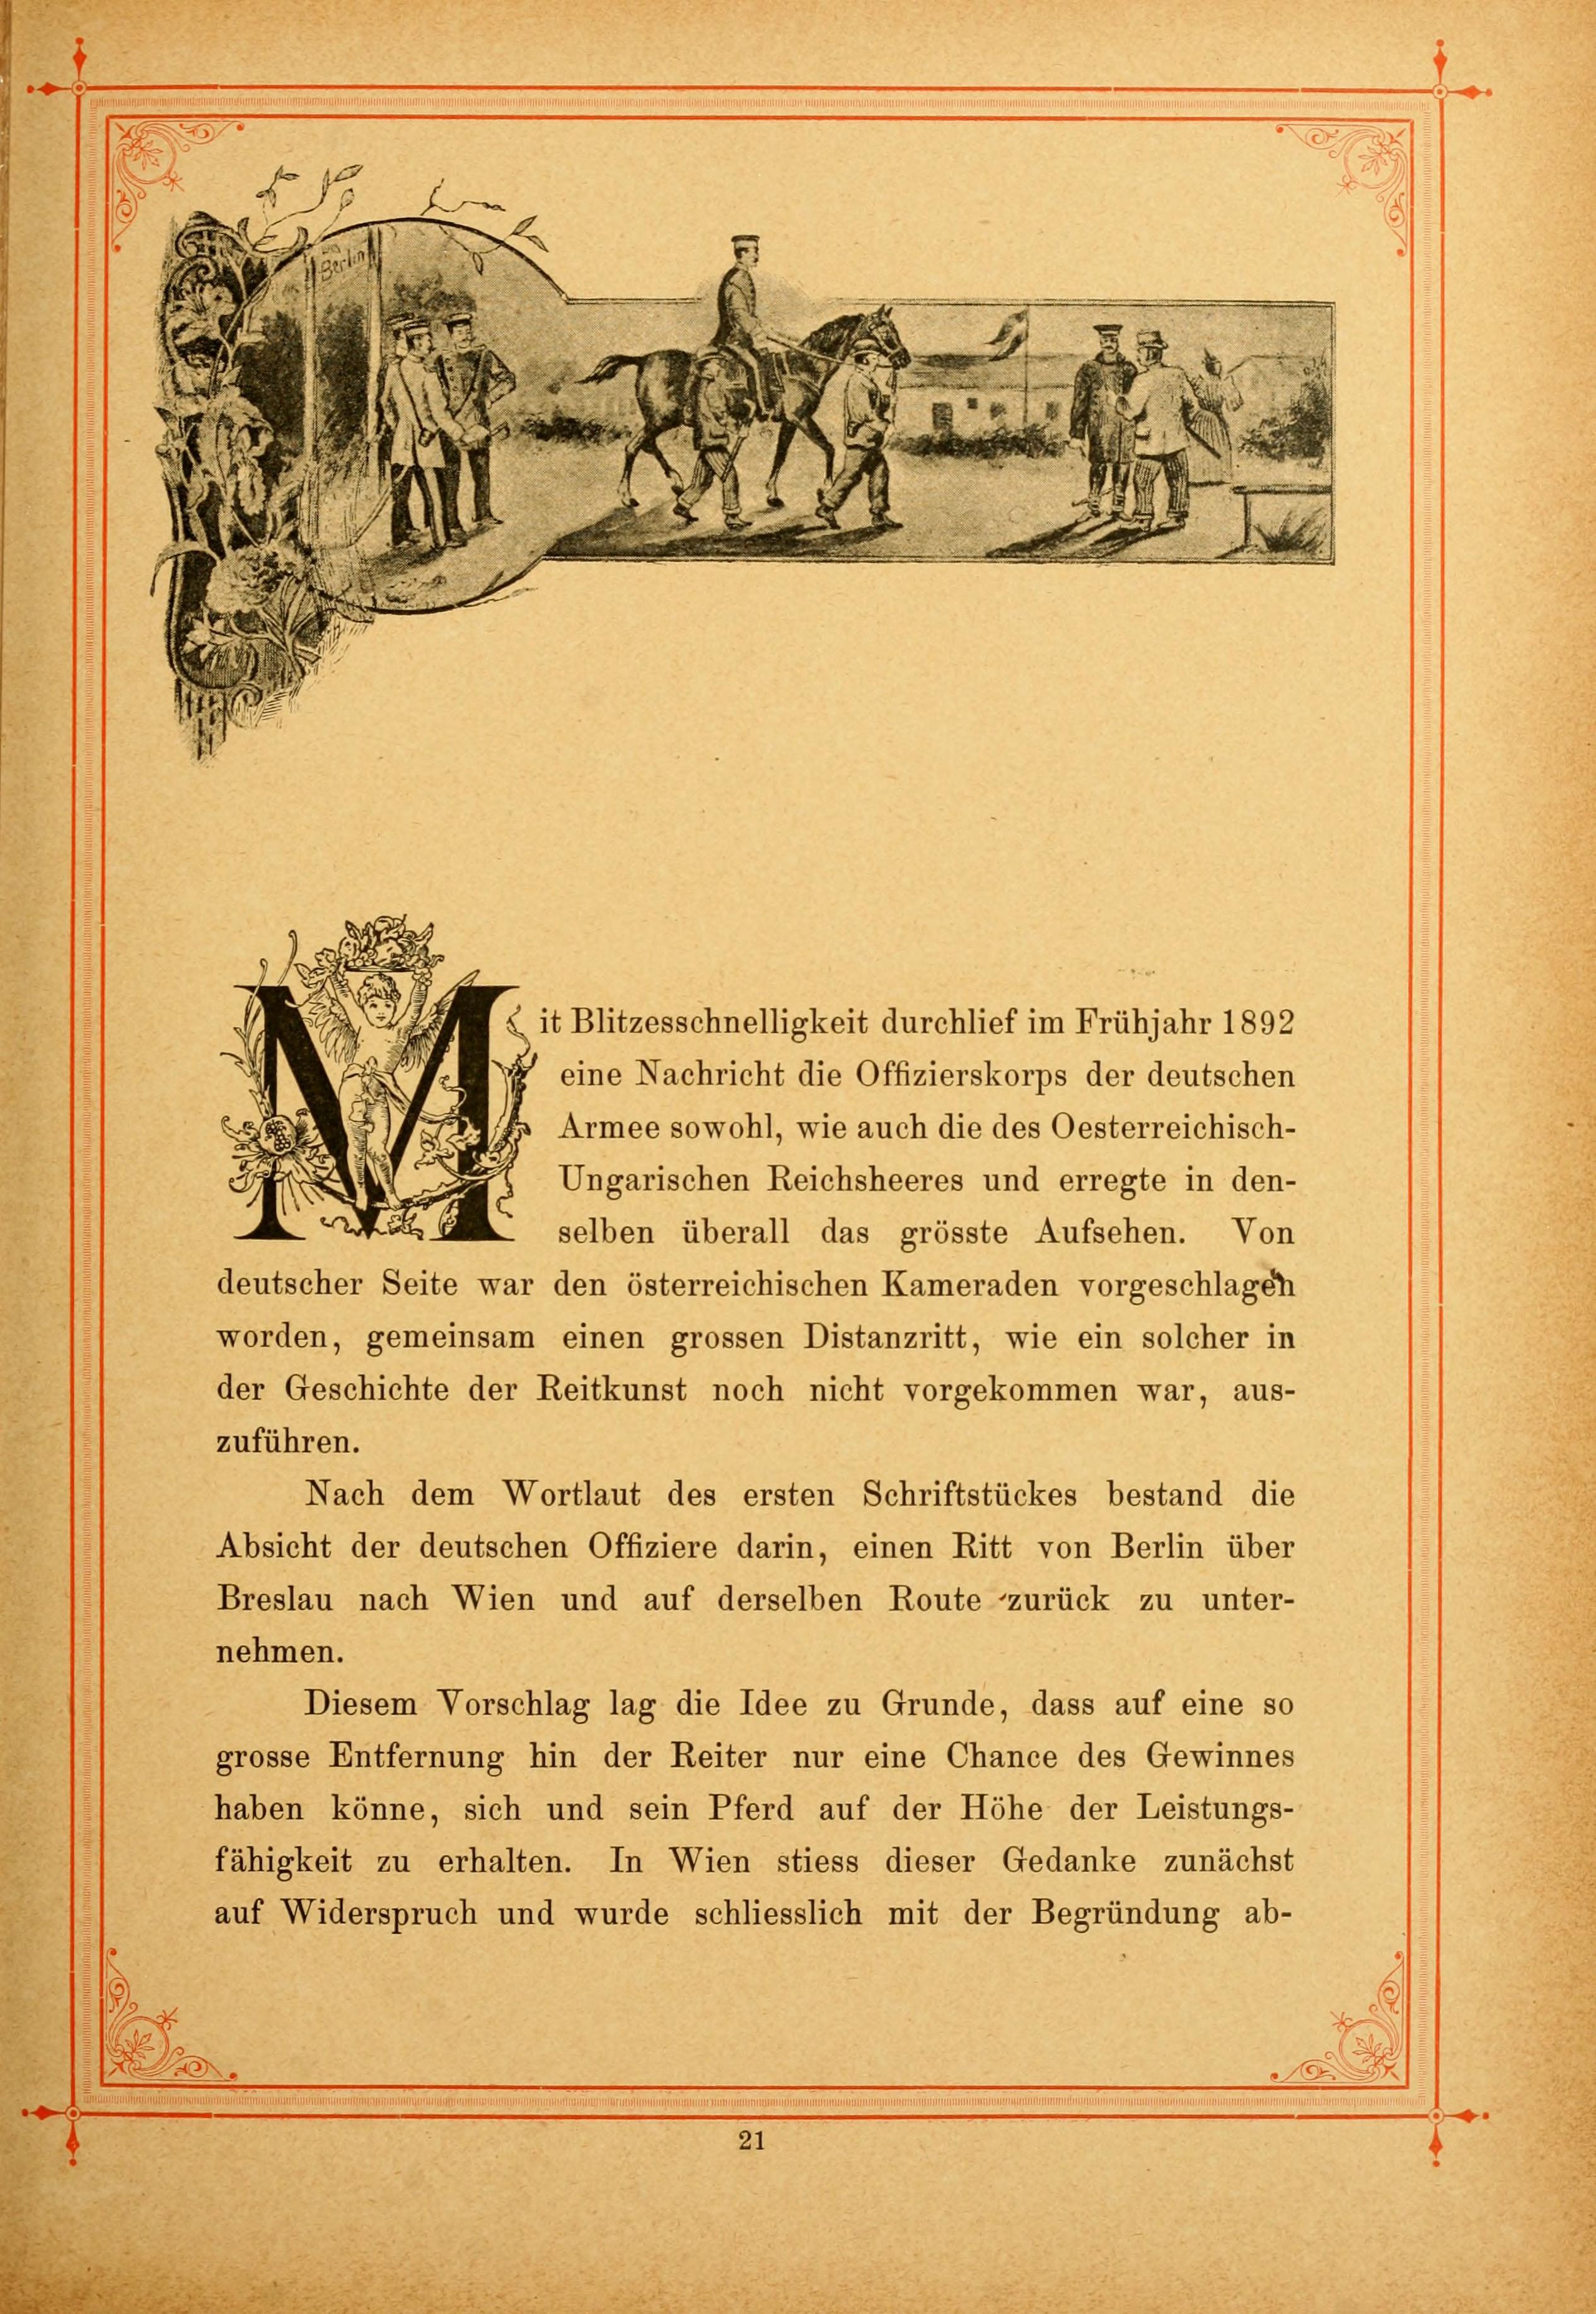 Fileder Grosse Distanz Ritt Berlin Wien Im Jahre 1892 Page 21